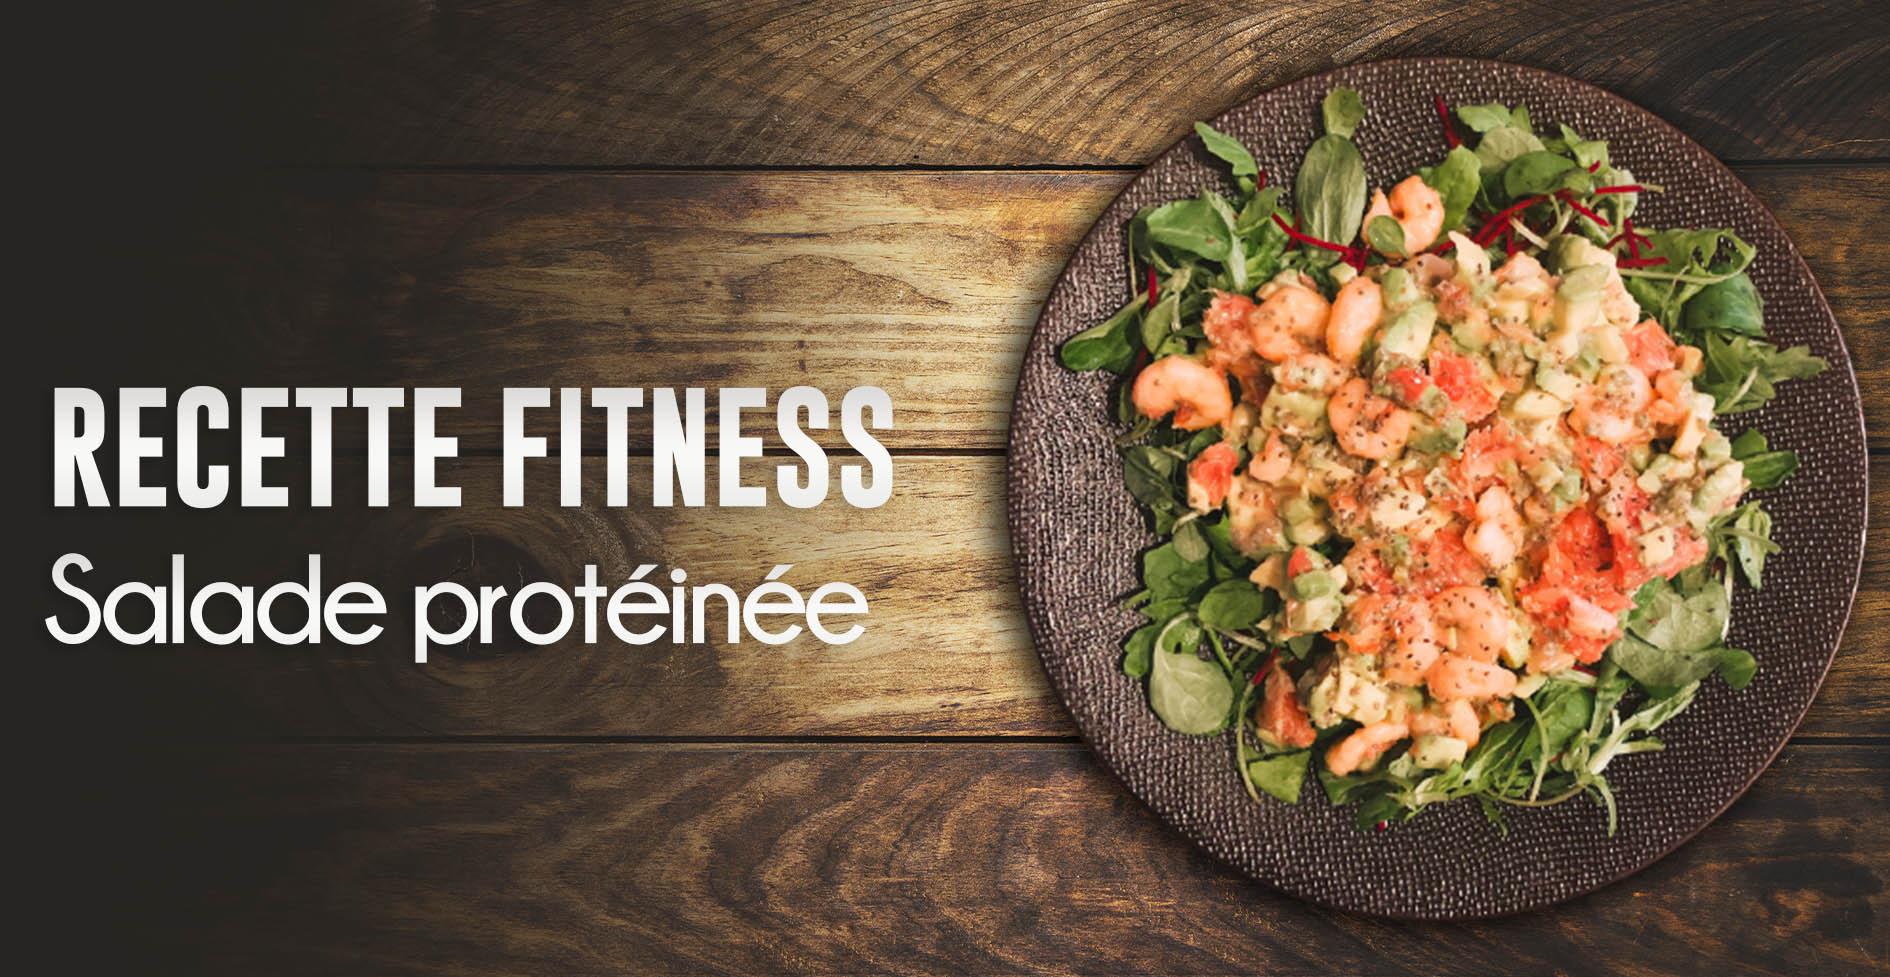 salade proteinee recette